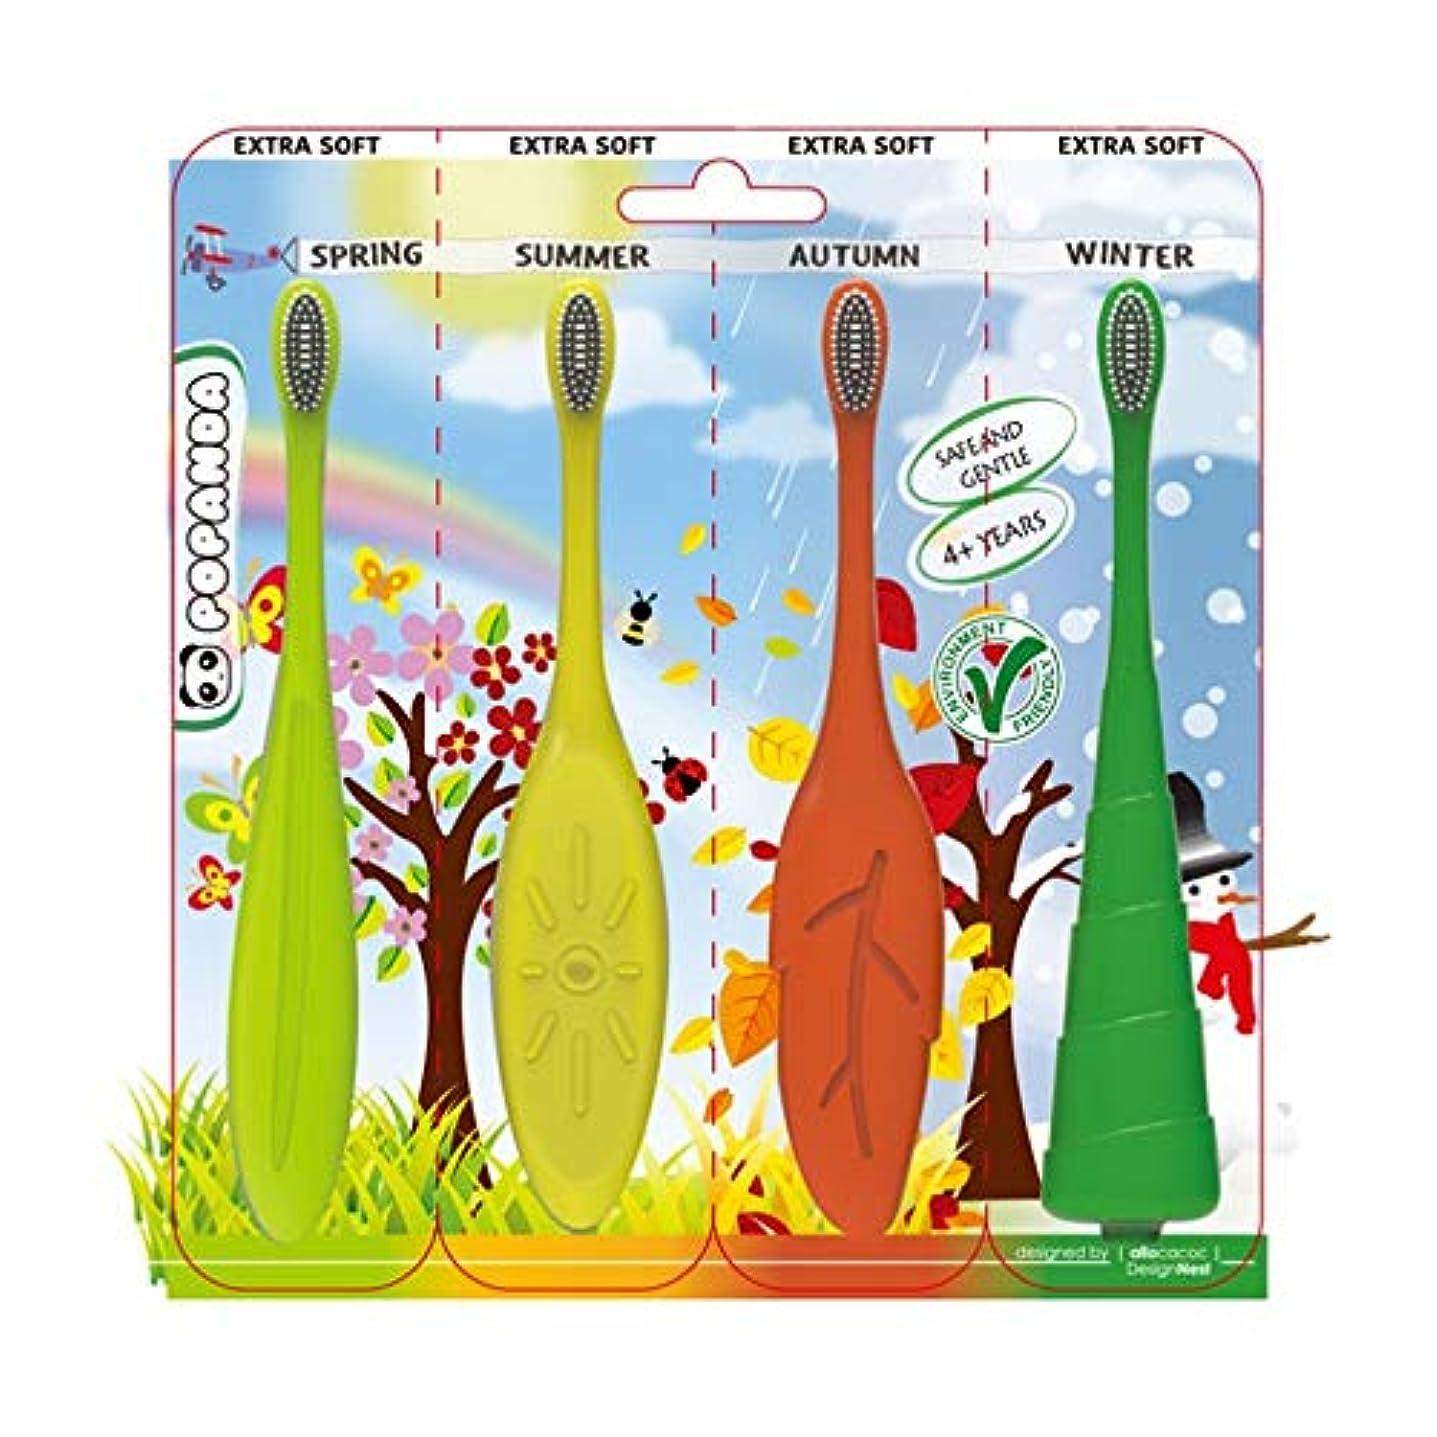 効果的にイヤホンのぞき穴(4個) Baby 幼児 四季 シリコン歯ブラシ Set Baby Kid's Gift Seasonal Silicone Toothbrush 並行輸入